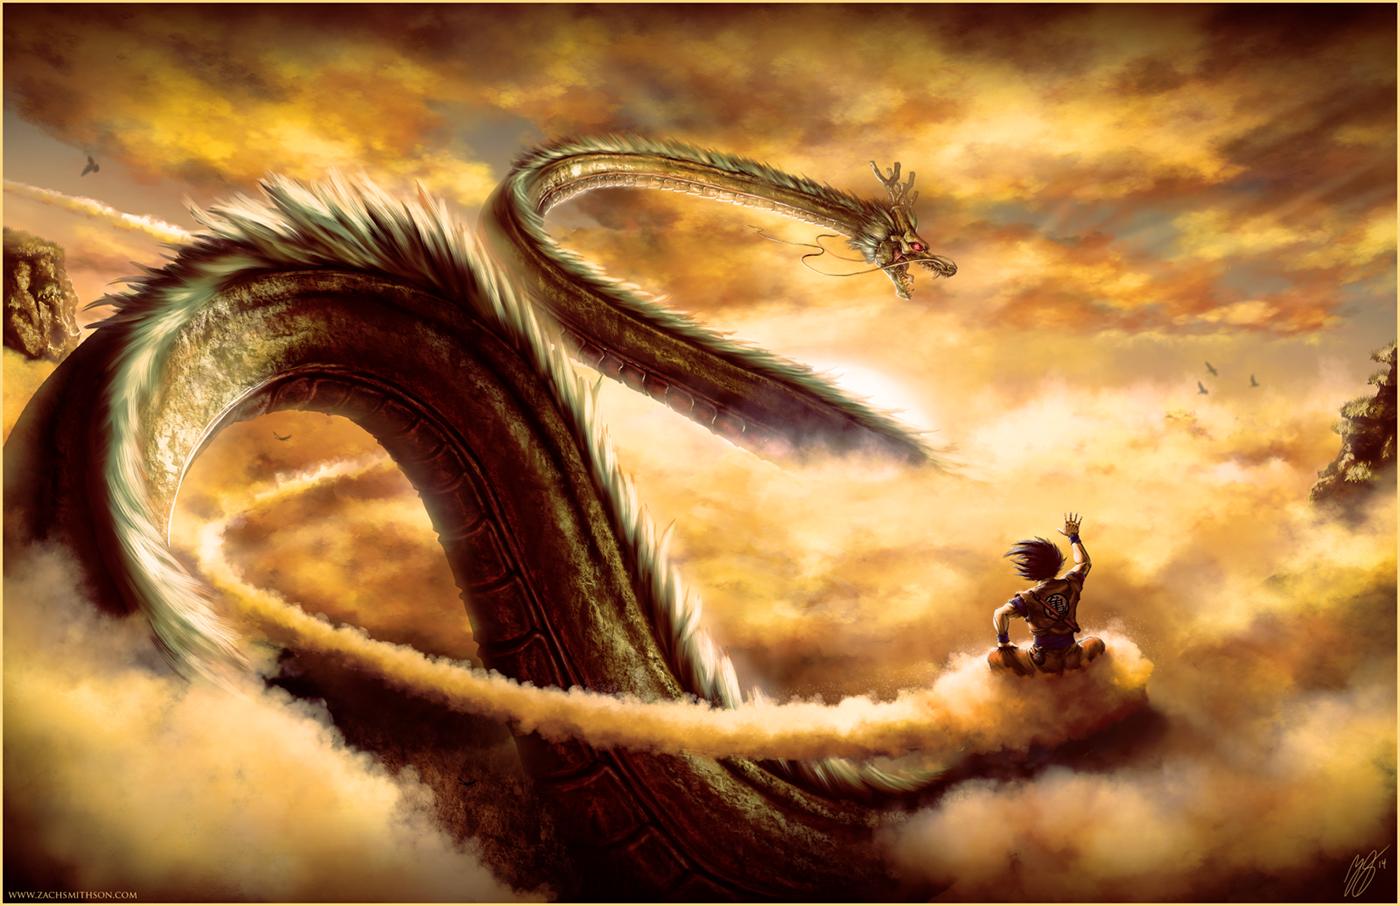 sonhar com dragao oito